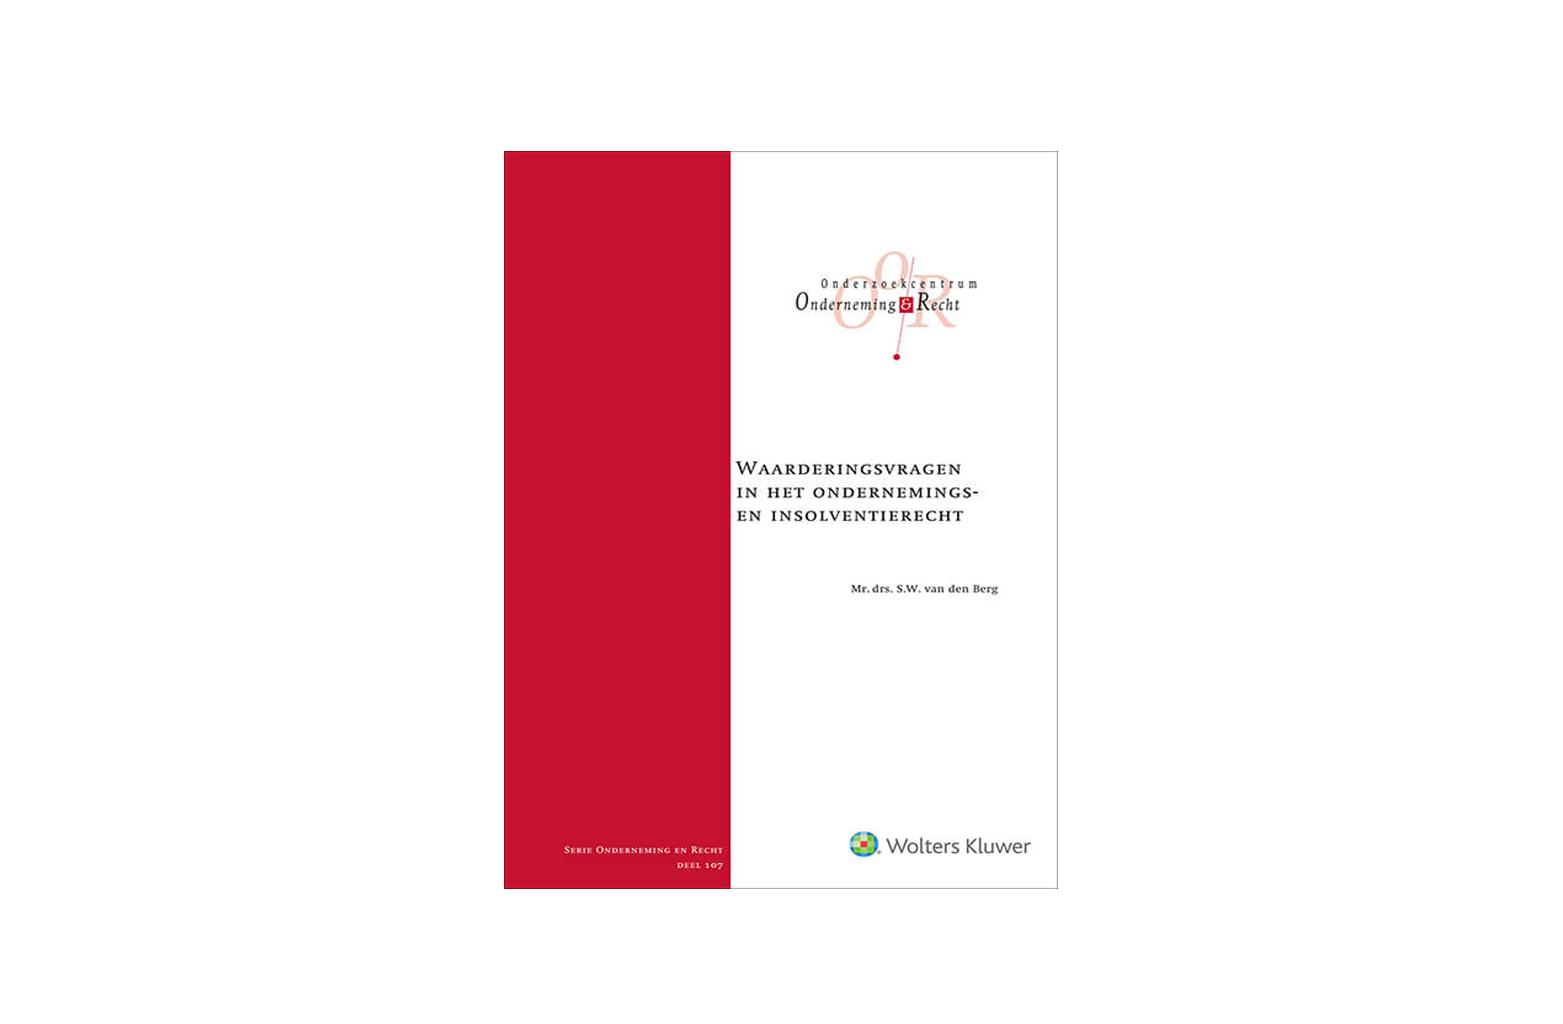 Waarderingsvragen-in-het-ondernemings-en-insolventierecht-card